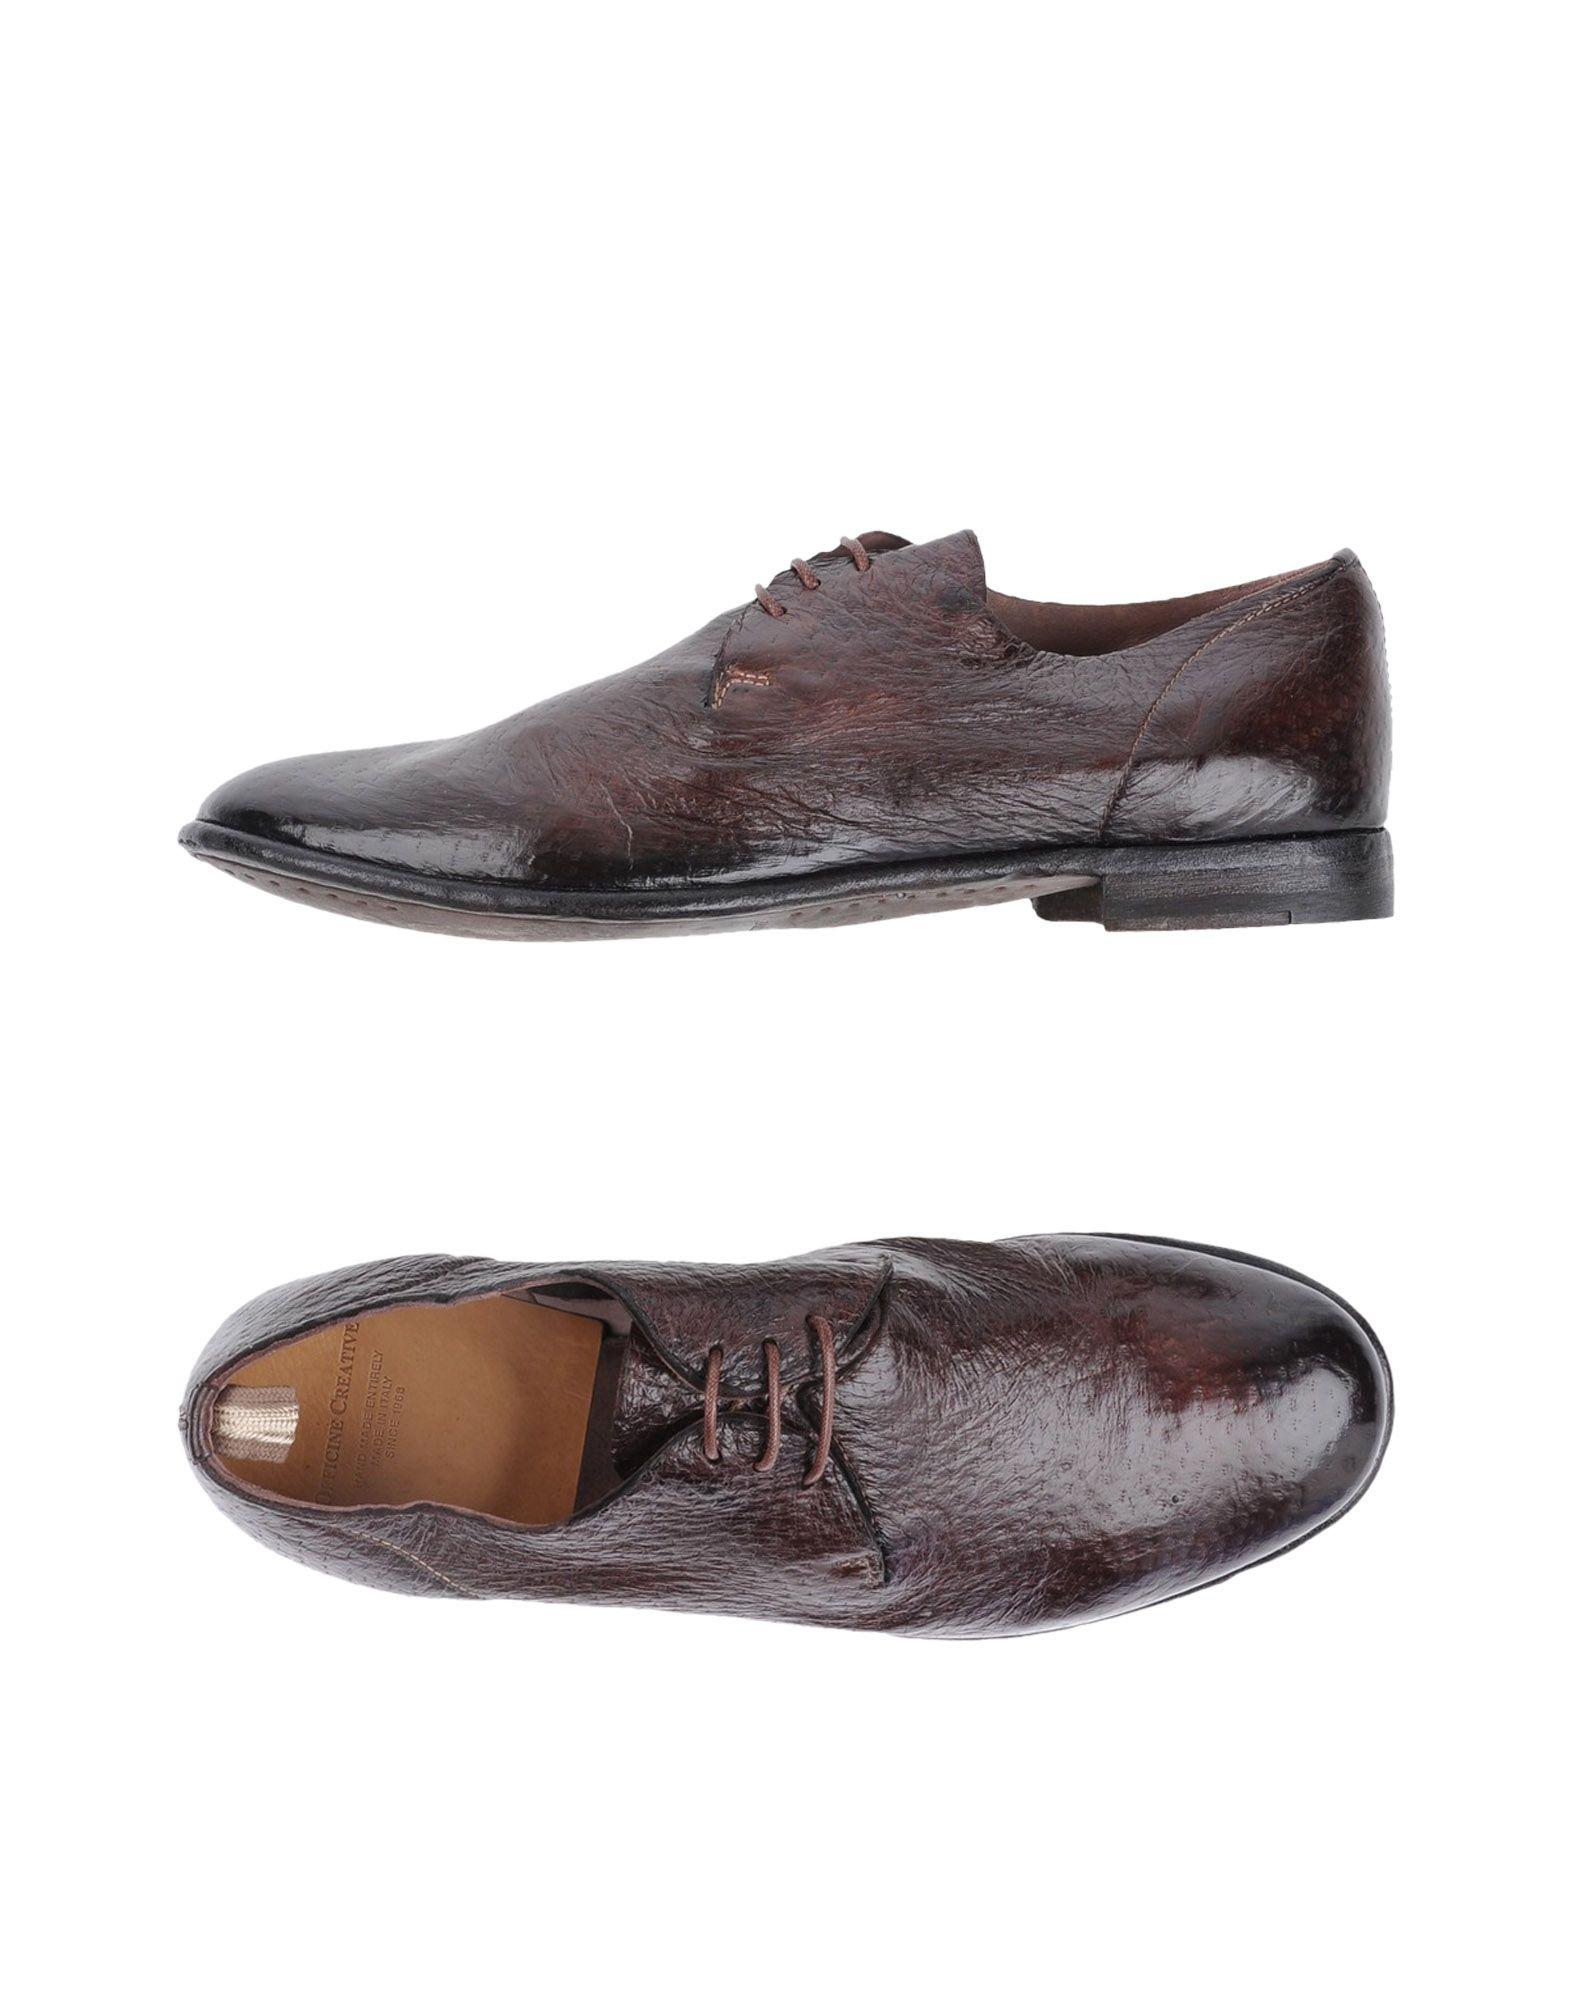 Officine Creative Italia Schnürschuhe Damen  11332913EIGut aussehende strapazierfähige Schuhe